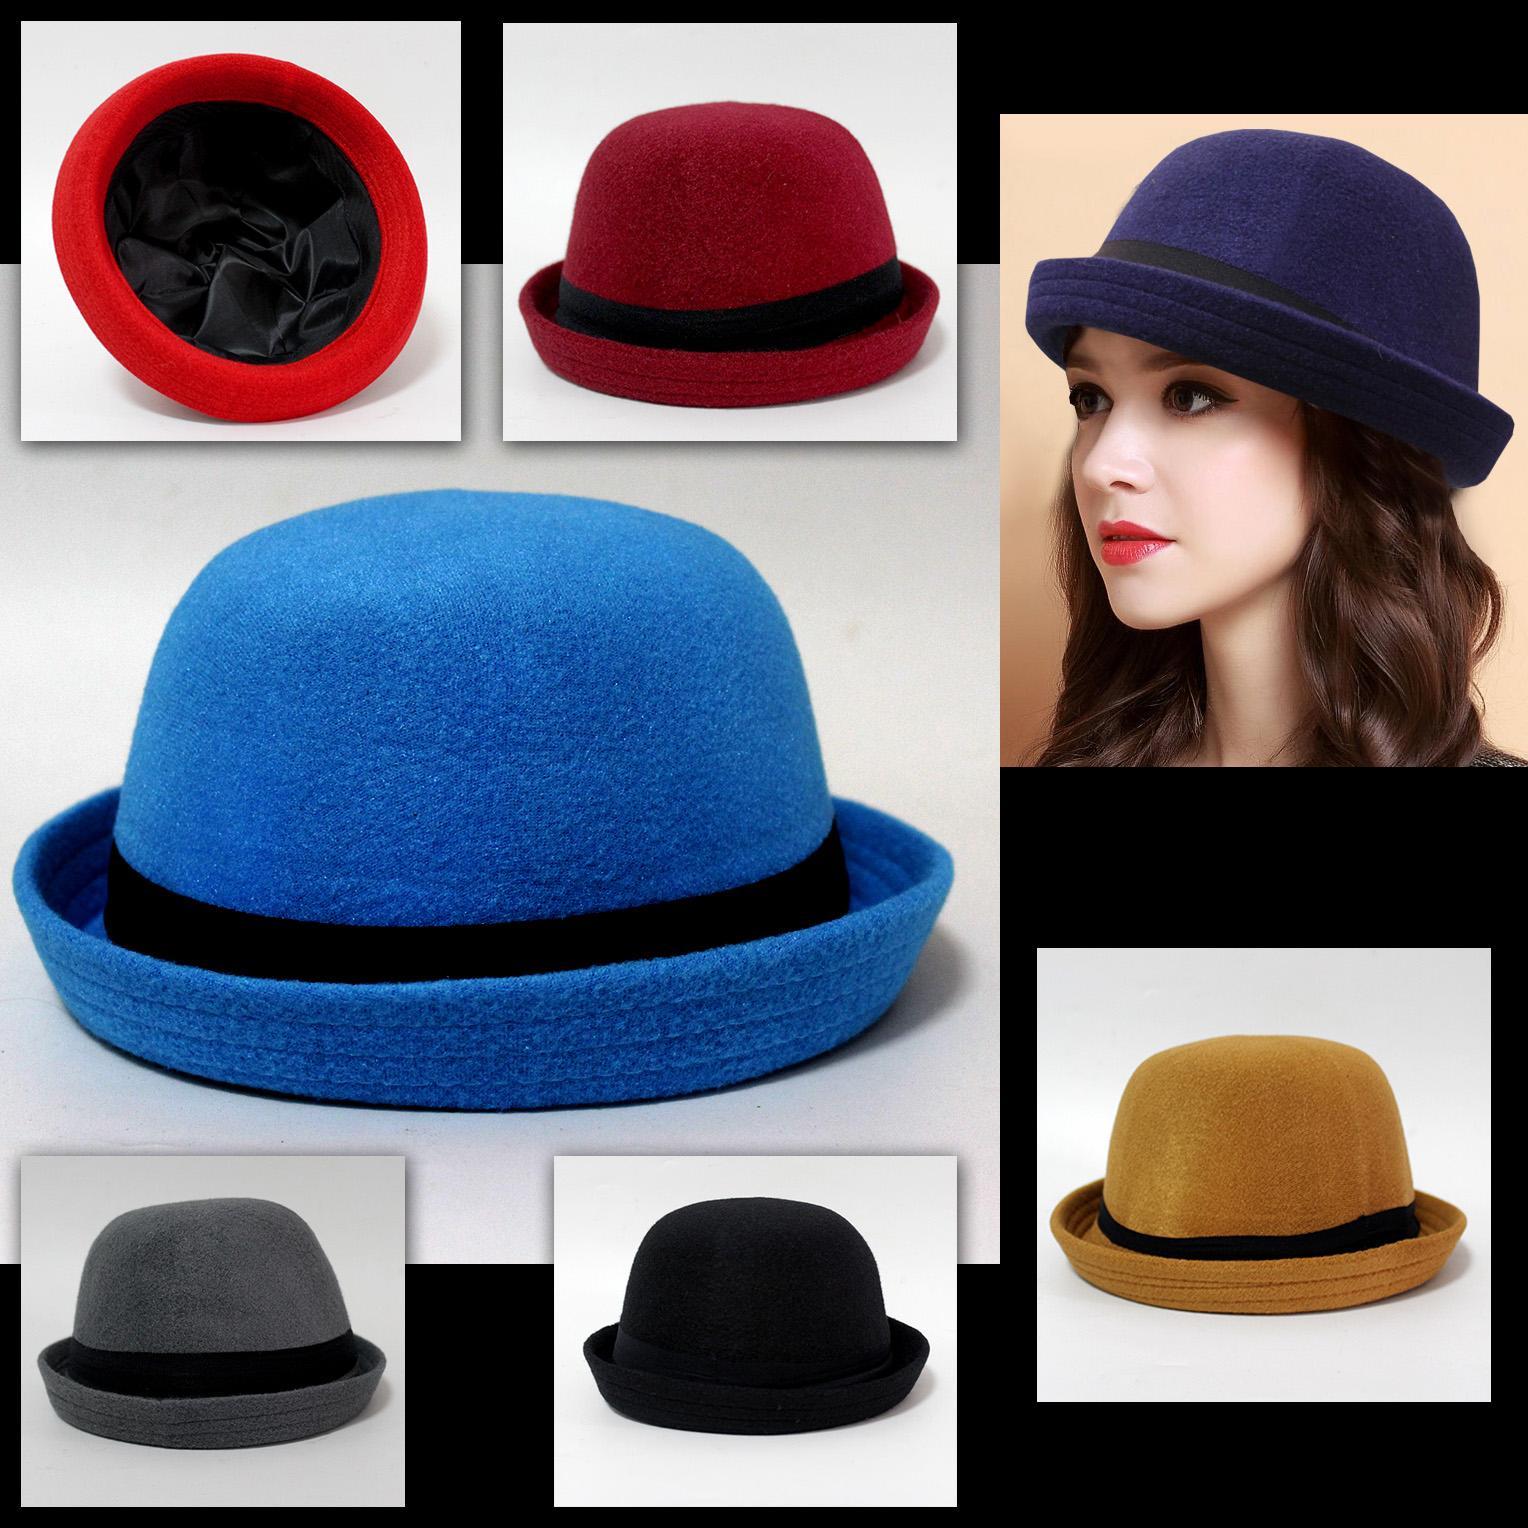 1e6d07e3266 Topi wanita murah - Topi Bowler cewek murah - Topi Fashion wanita terbaru -  Topi wanita